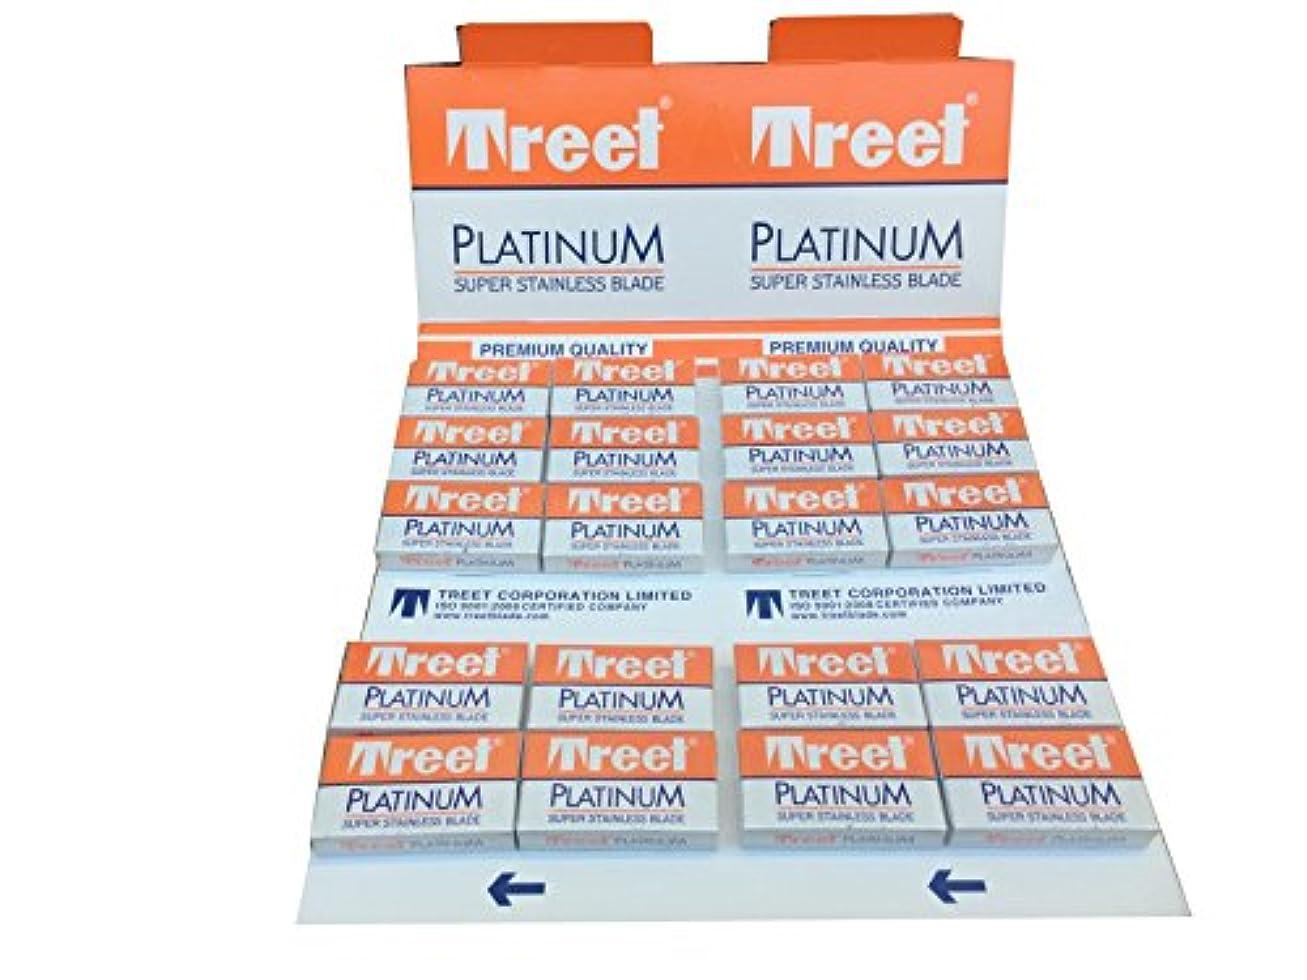 マラドロイト頼る配管工Treet Platinum 両刃替刃 200枚入り(10枚入り20 個セット)【並行輸入品】